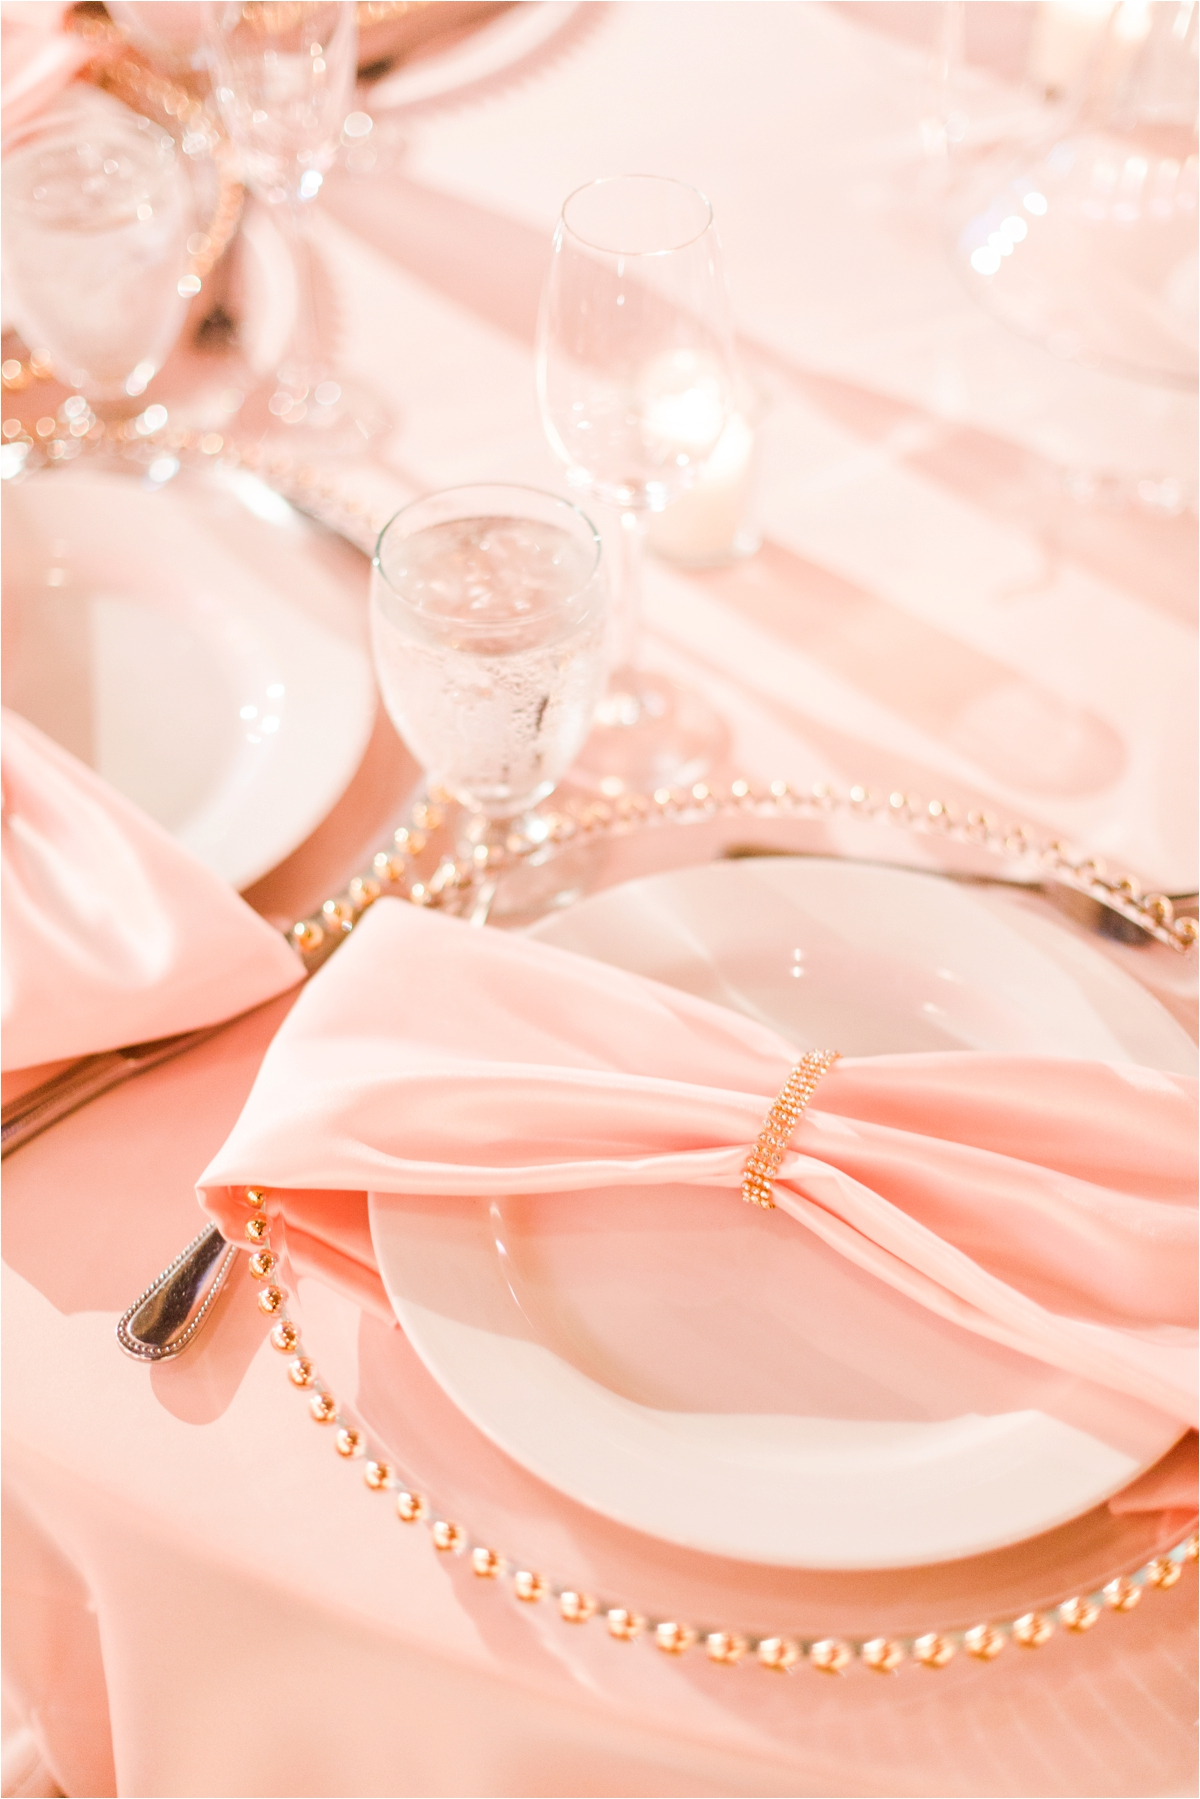 Corinthian Event Center Wedding photos by Briana Calderon Photography_0481.jpg